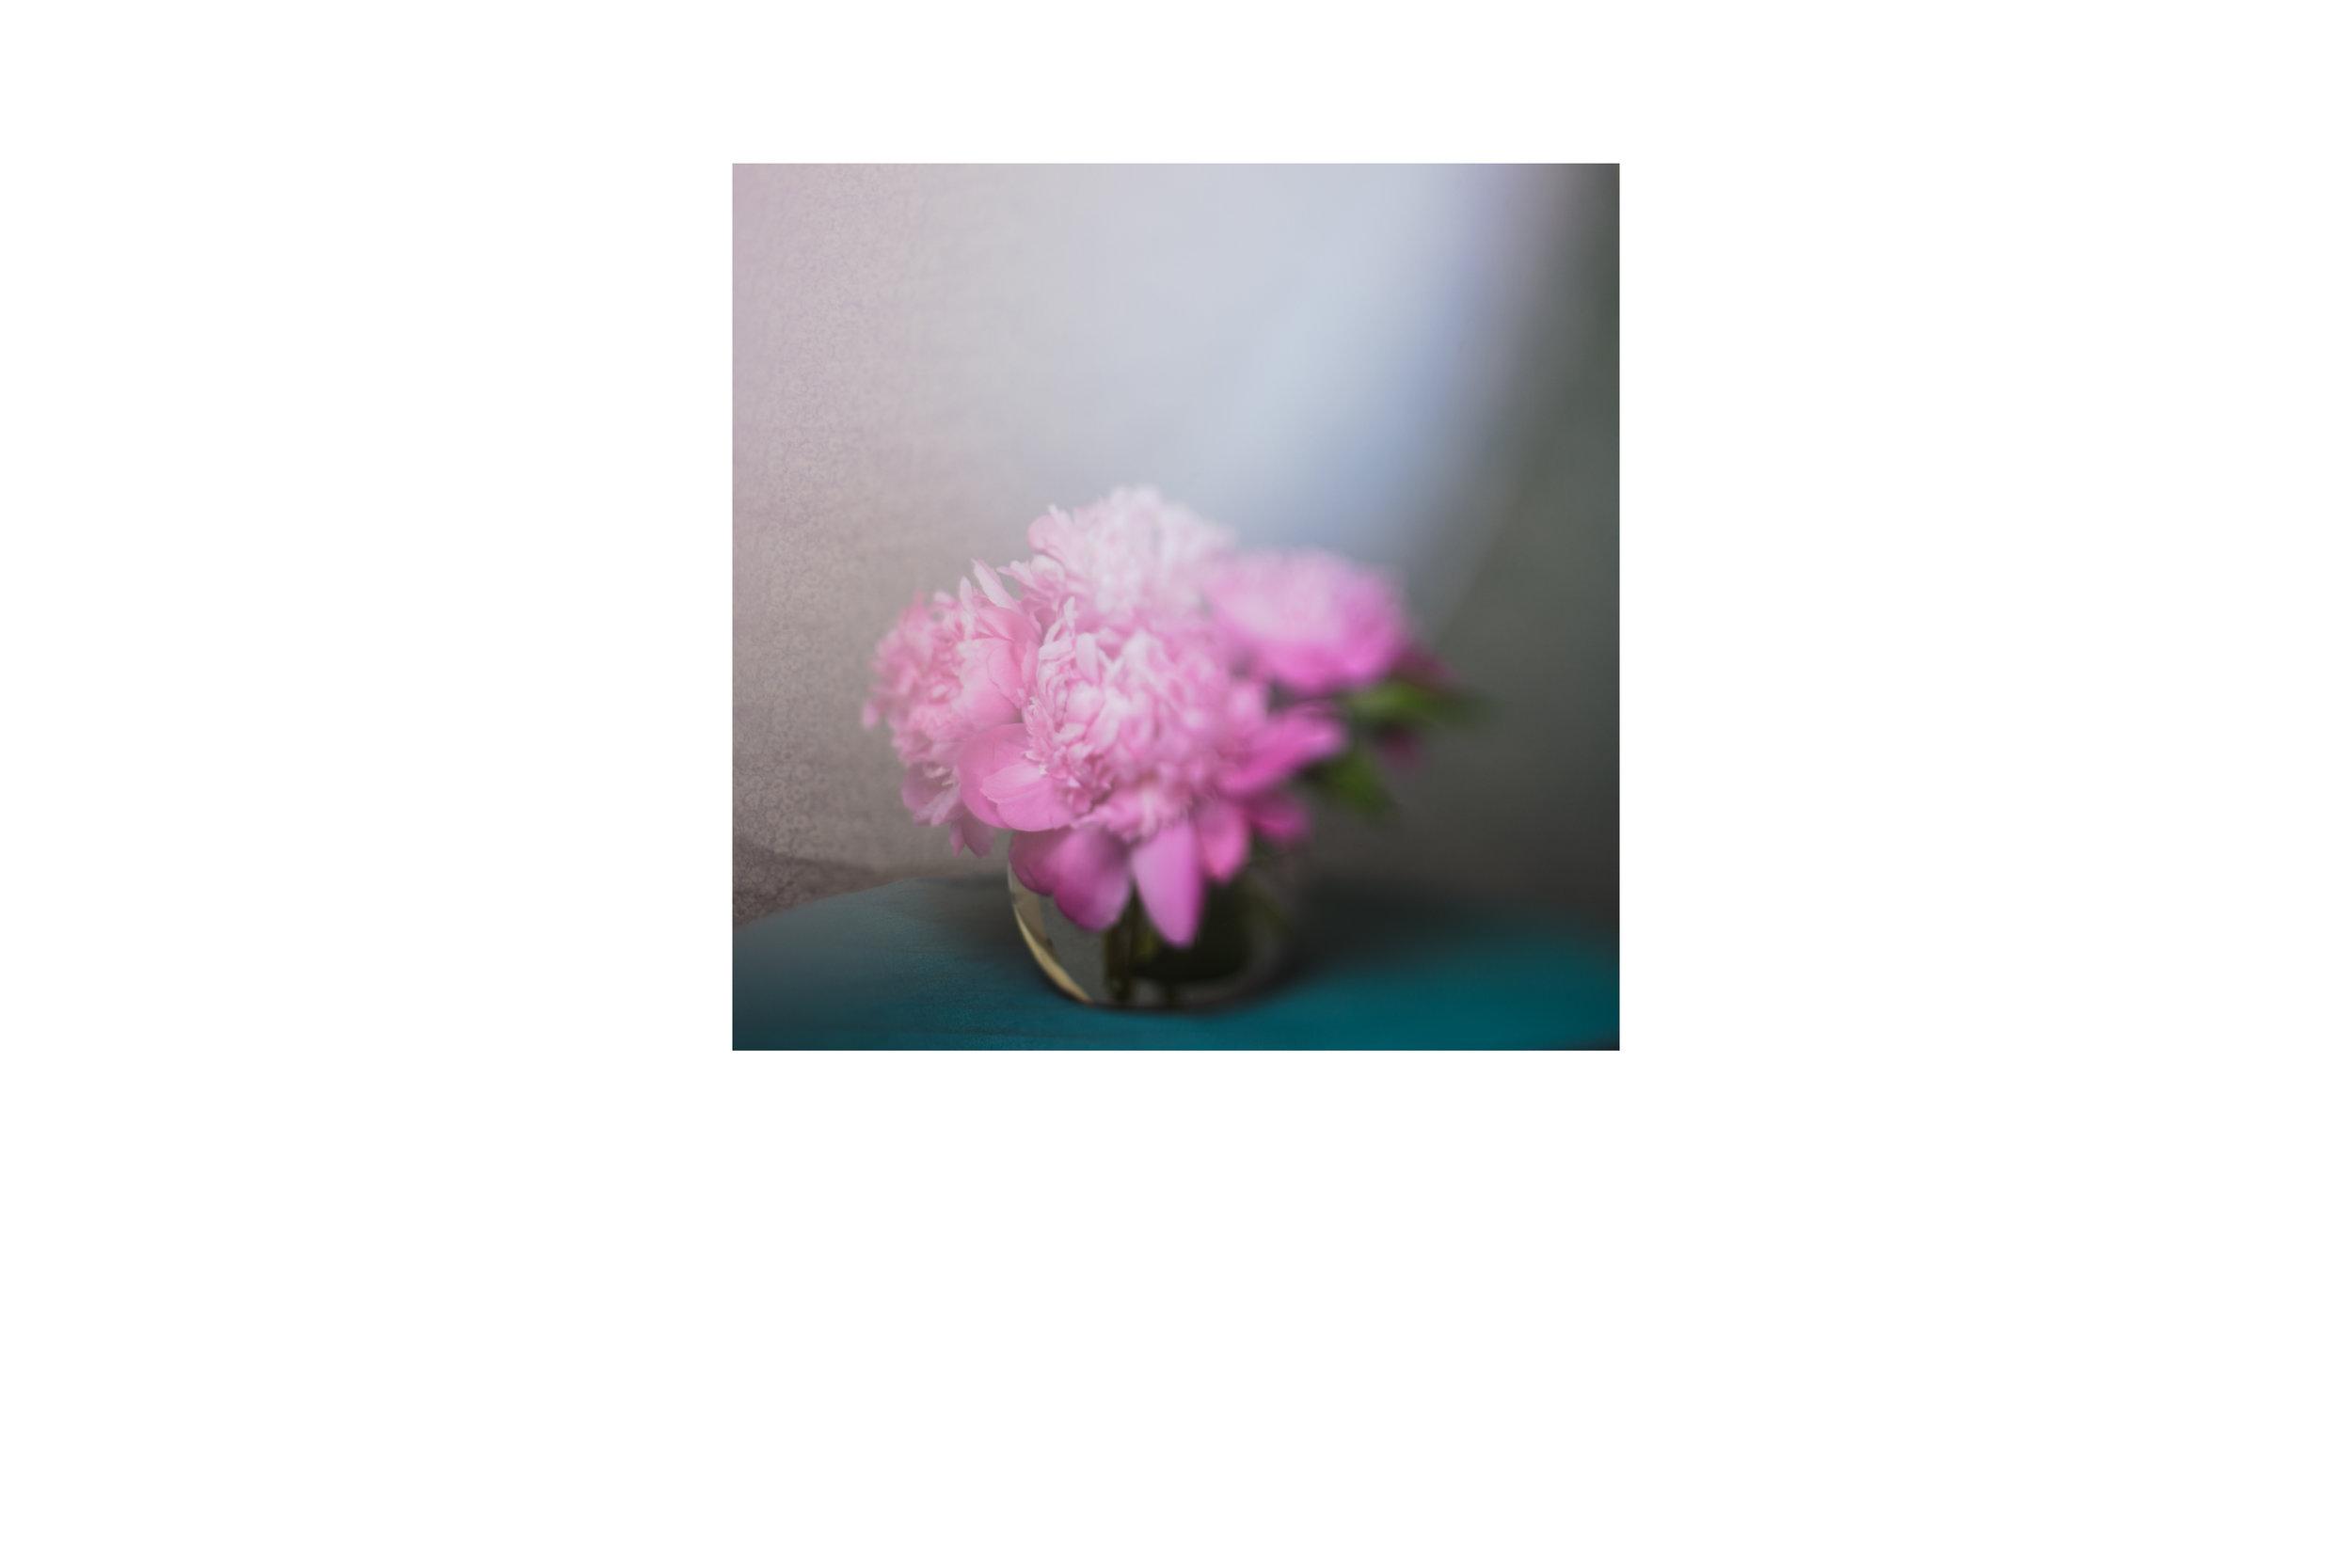 pinkflowerstilllife.jpg